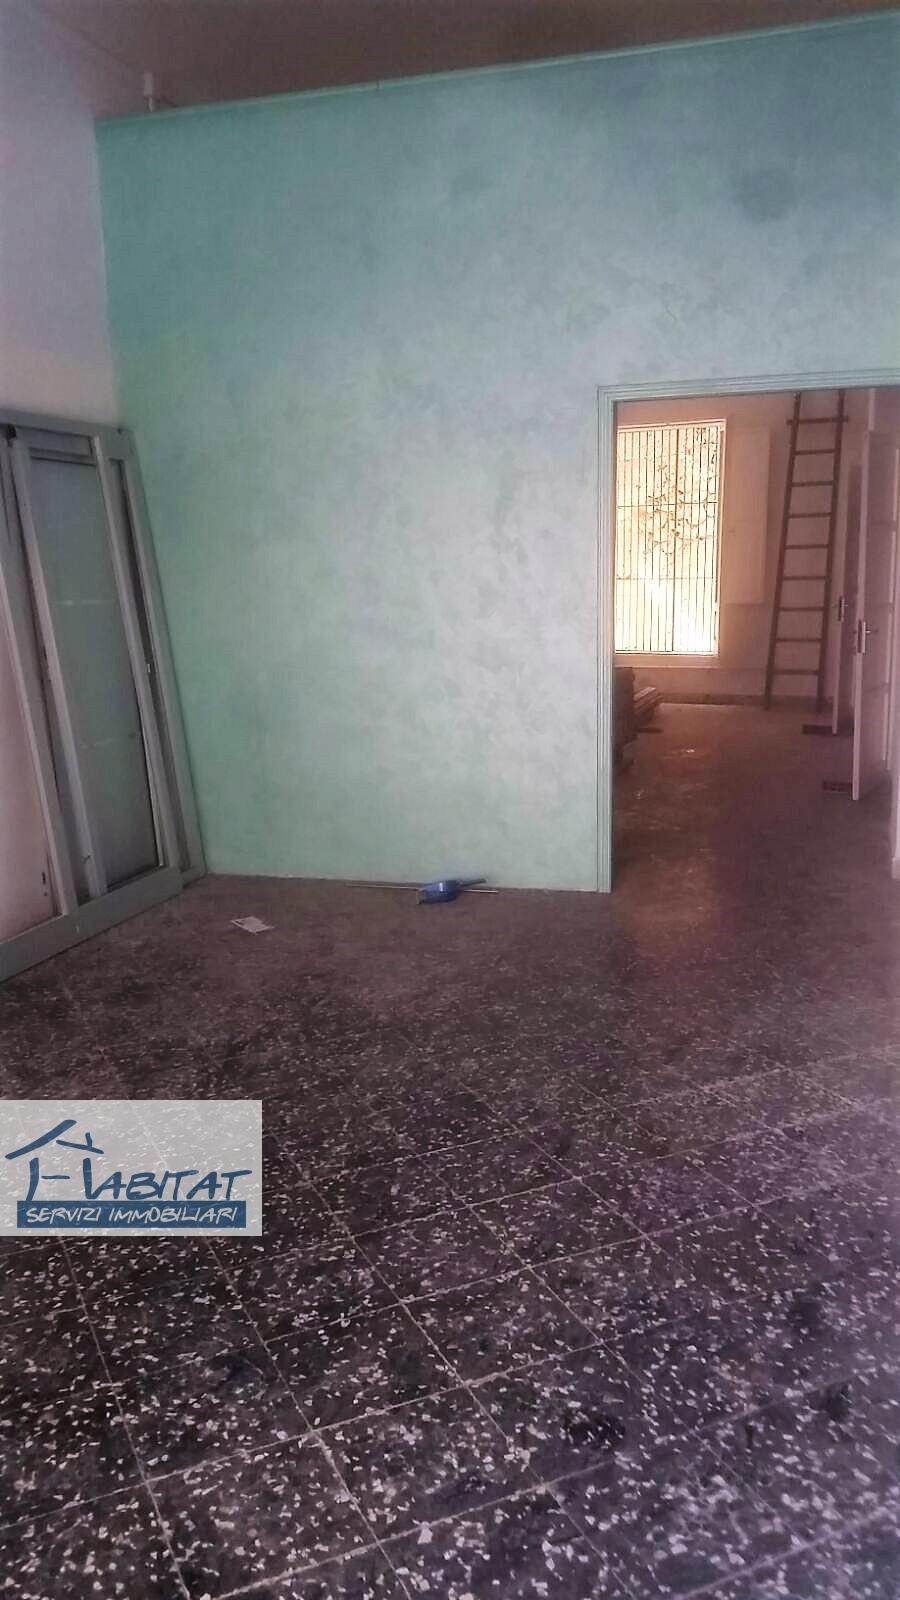 Magazzino in vendita a Agrigento, 1 locali, zona Zona: Centro, prezzo € 80.000 | CambioCasa.it